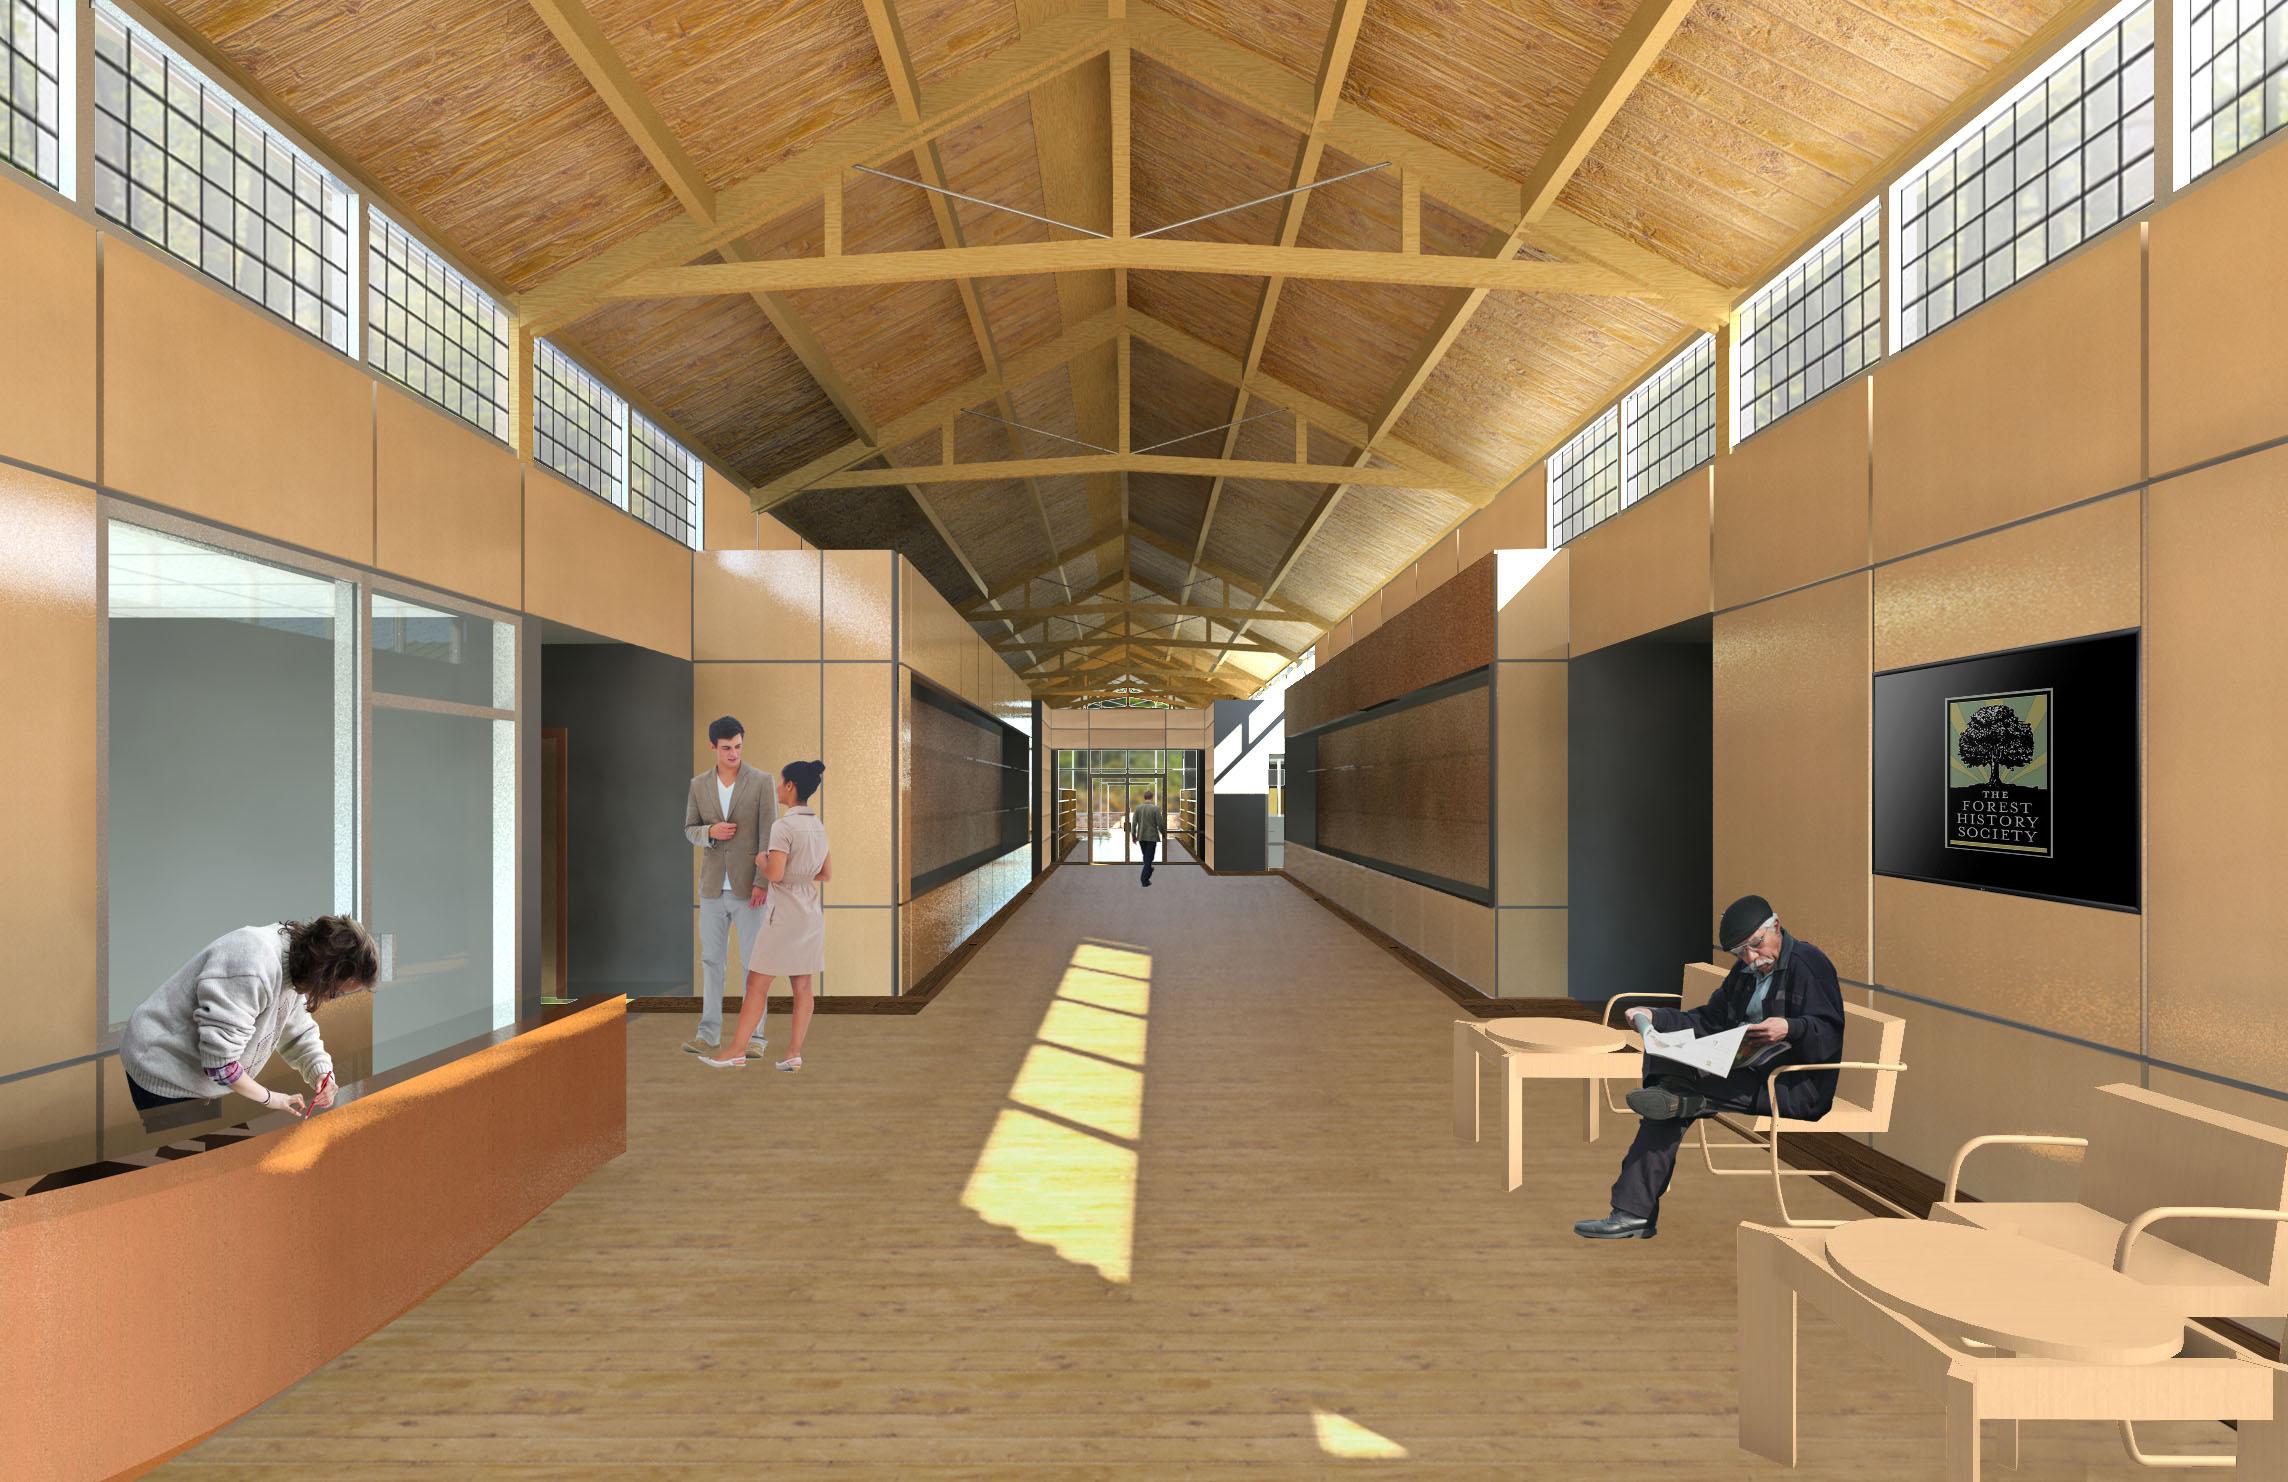 Reception-area-rendering-4-27-16